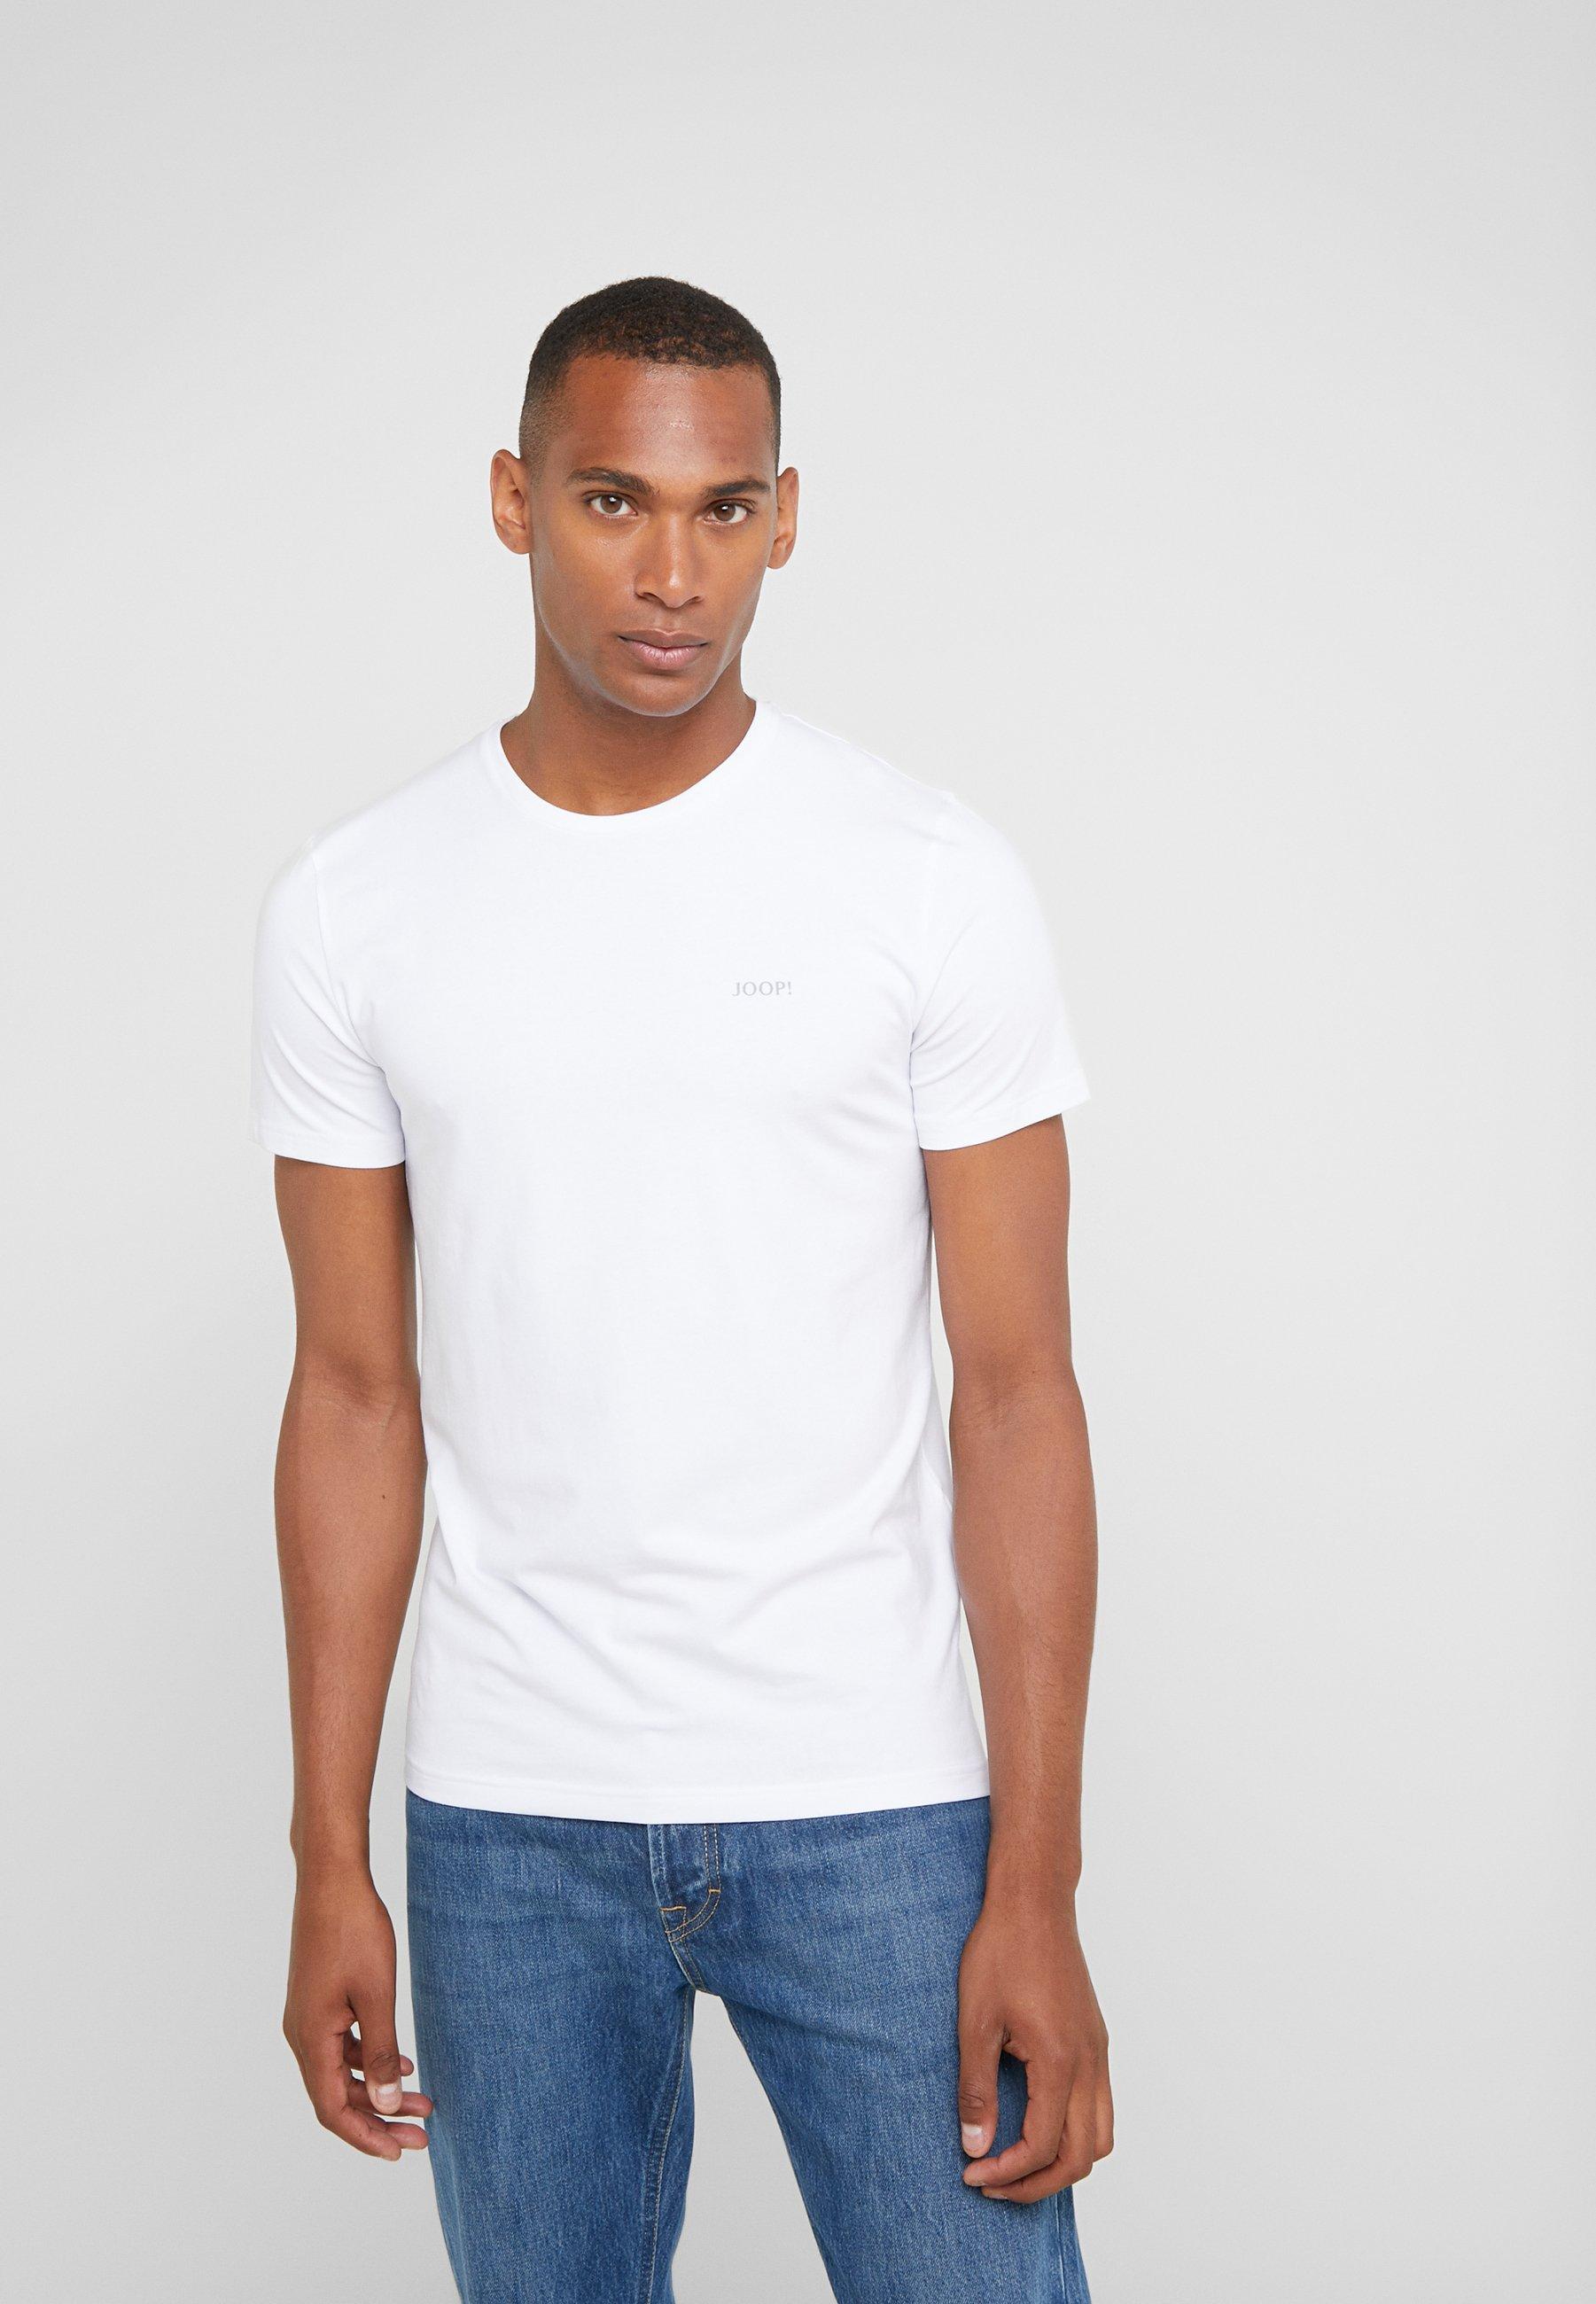 shirt PackT White Joop2 shirt PackT Basique Joop2 Basique XuTOkiPZ